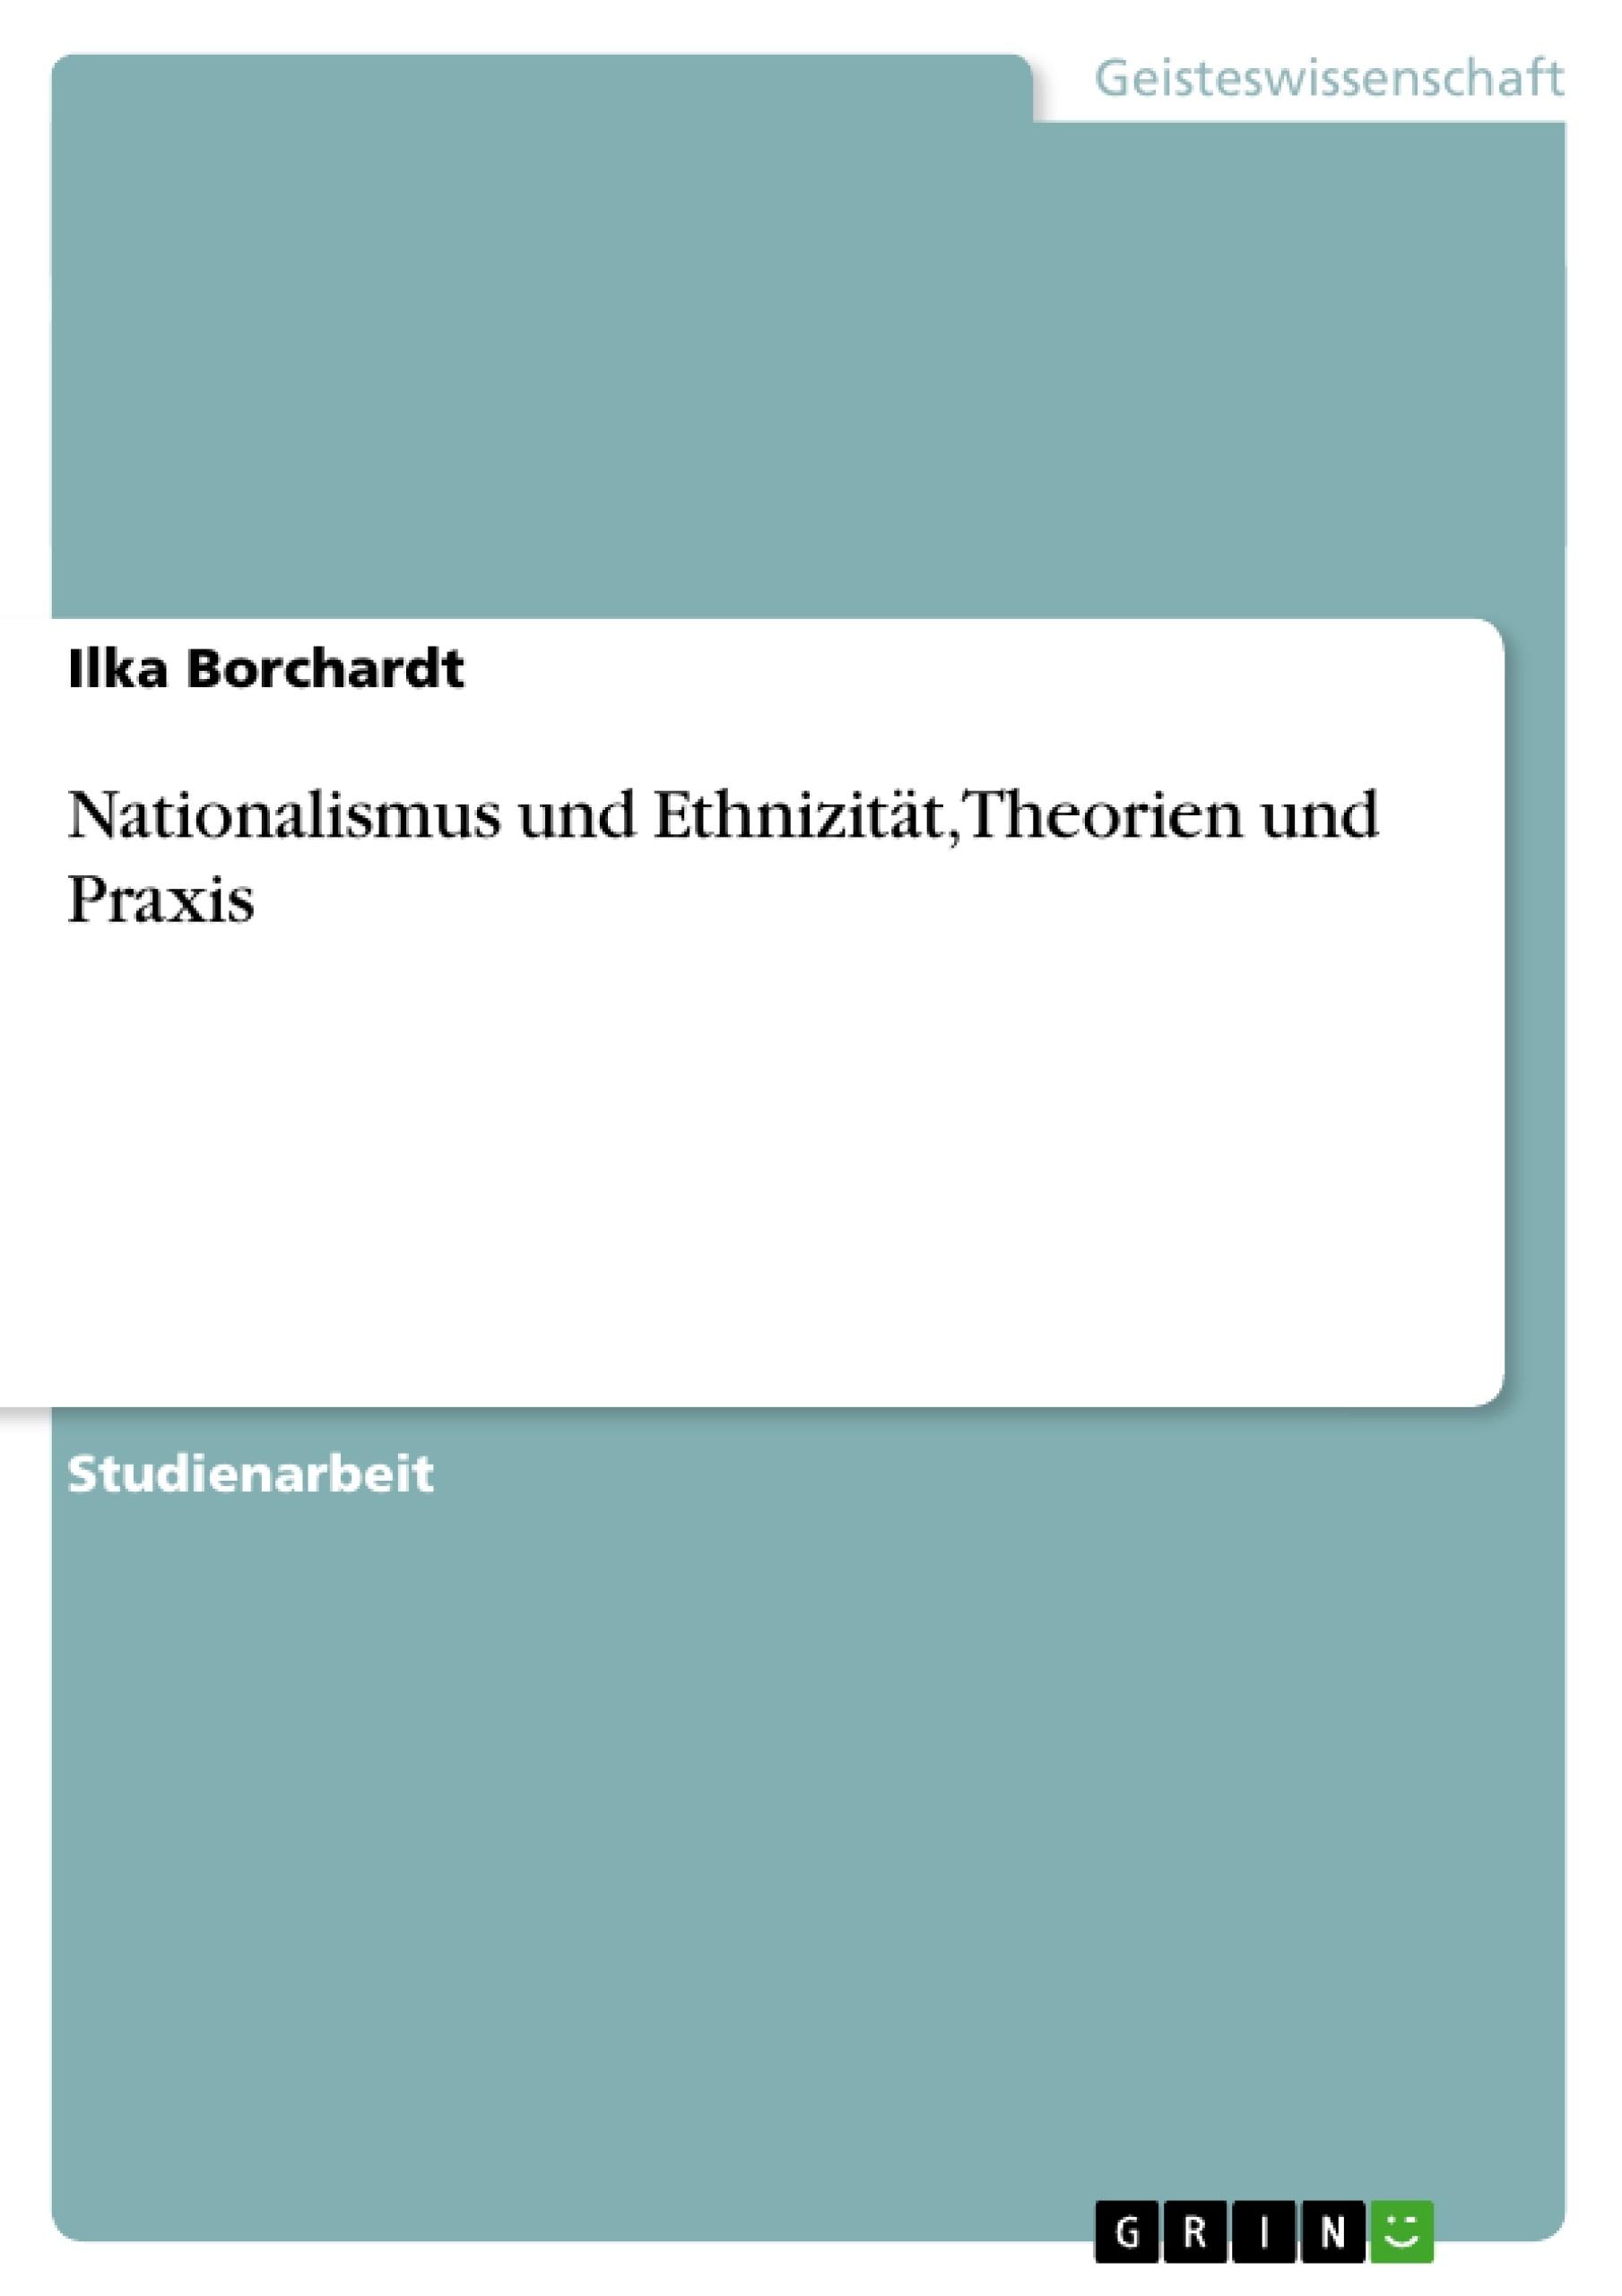 Titel: Nationalismus und Ethnizität, Theorien und Praxis